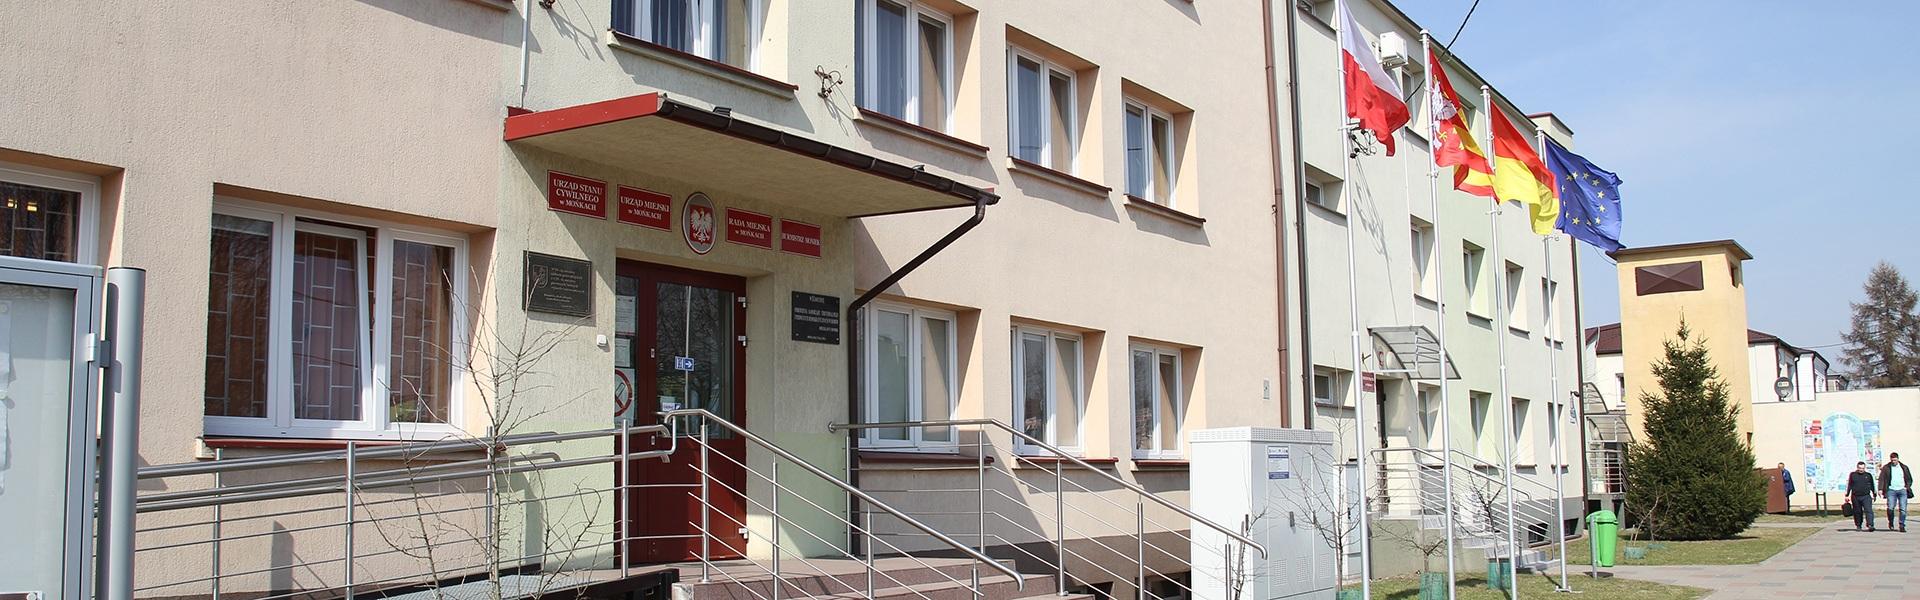 budynek gminy